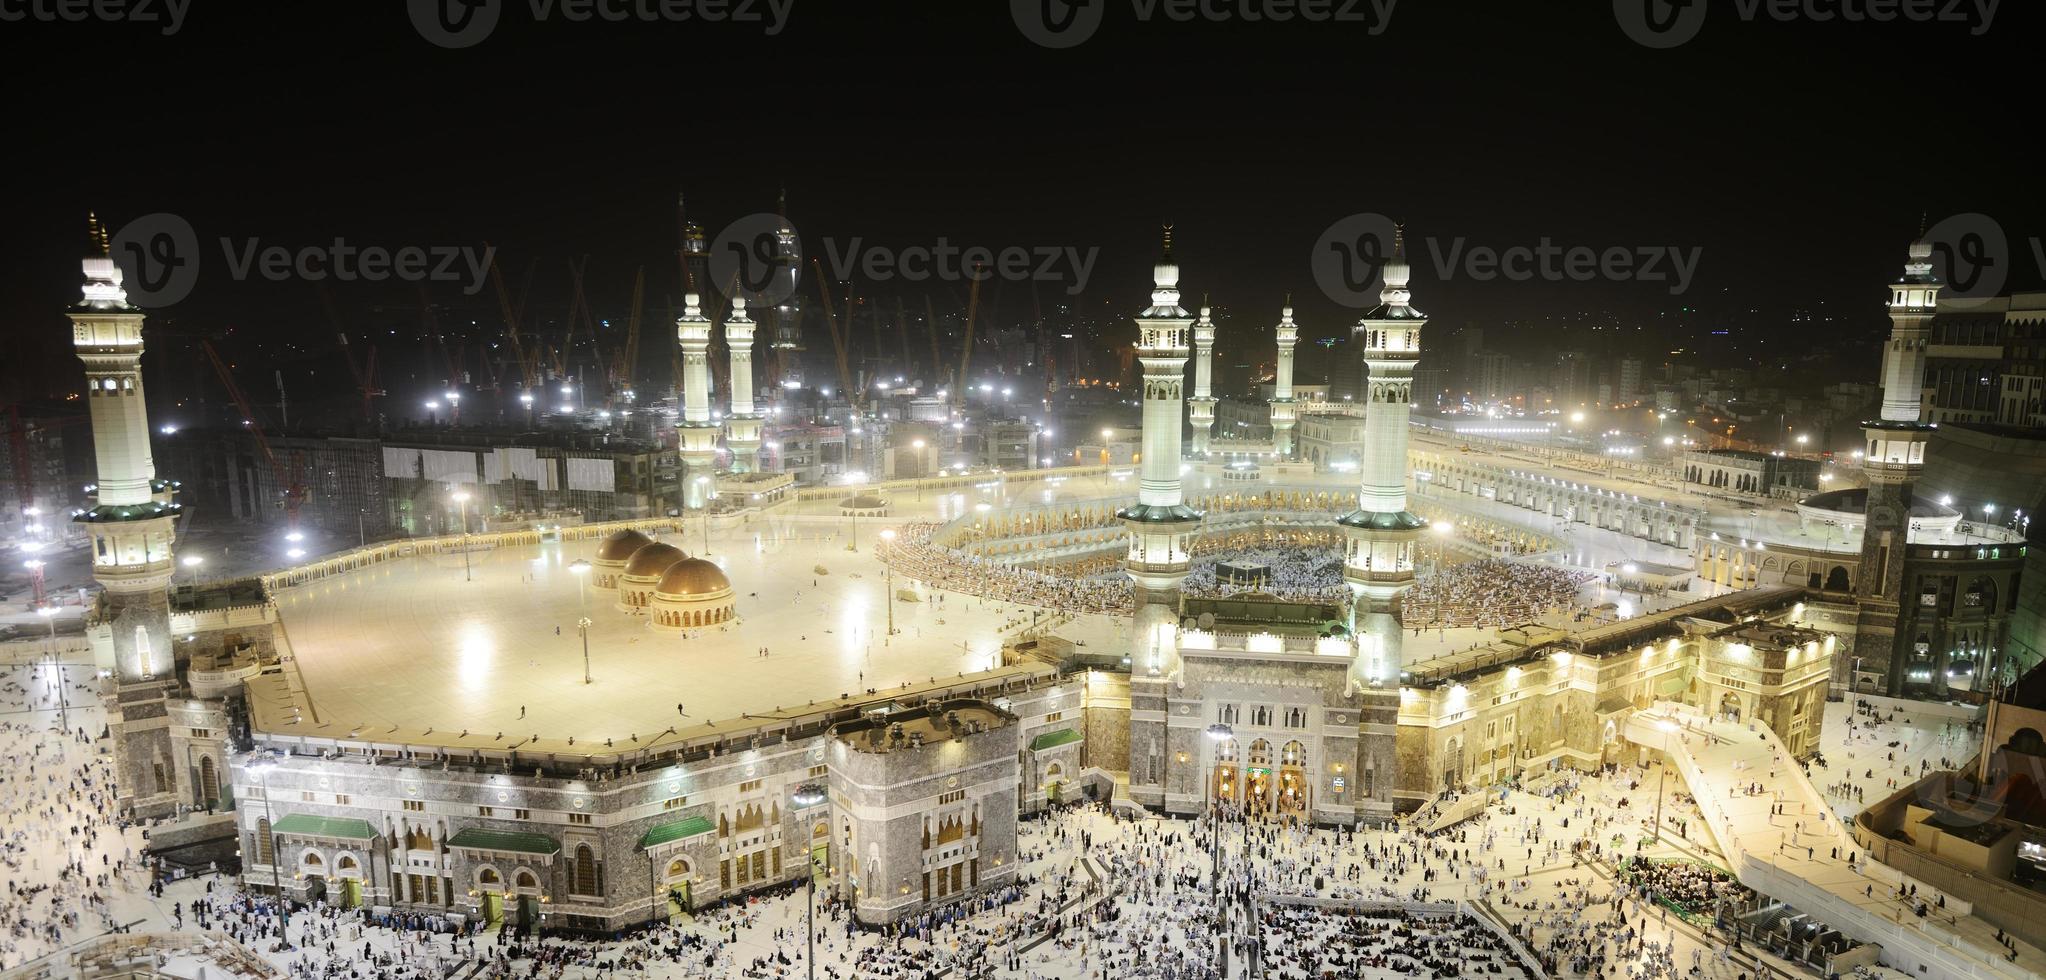 makkah kaaba och människor som begär sig för hajj foto